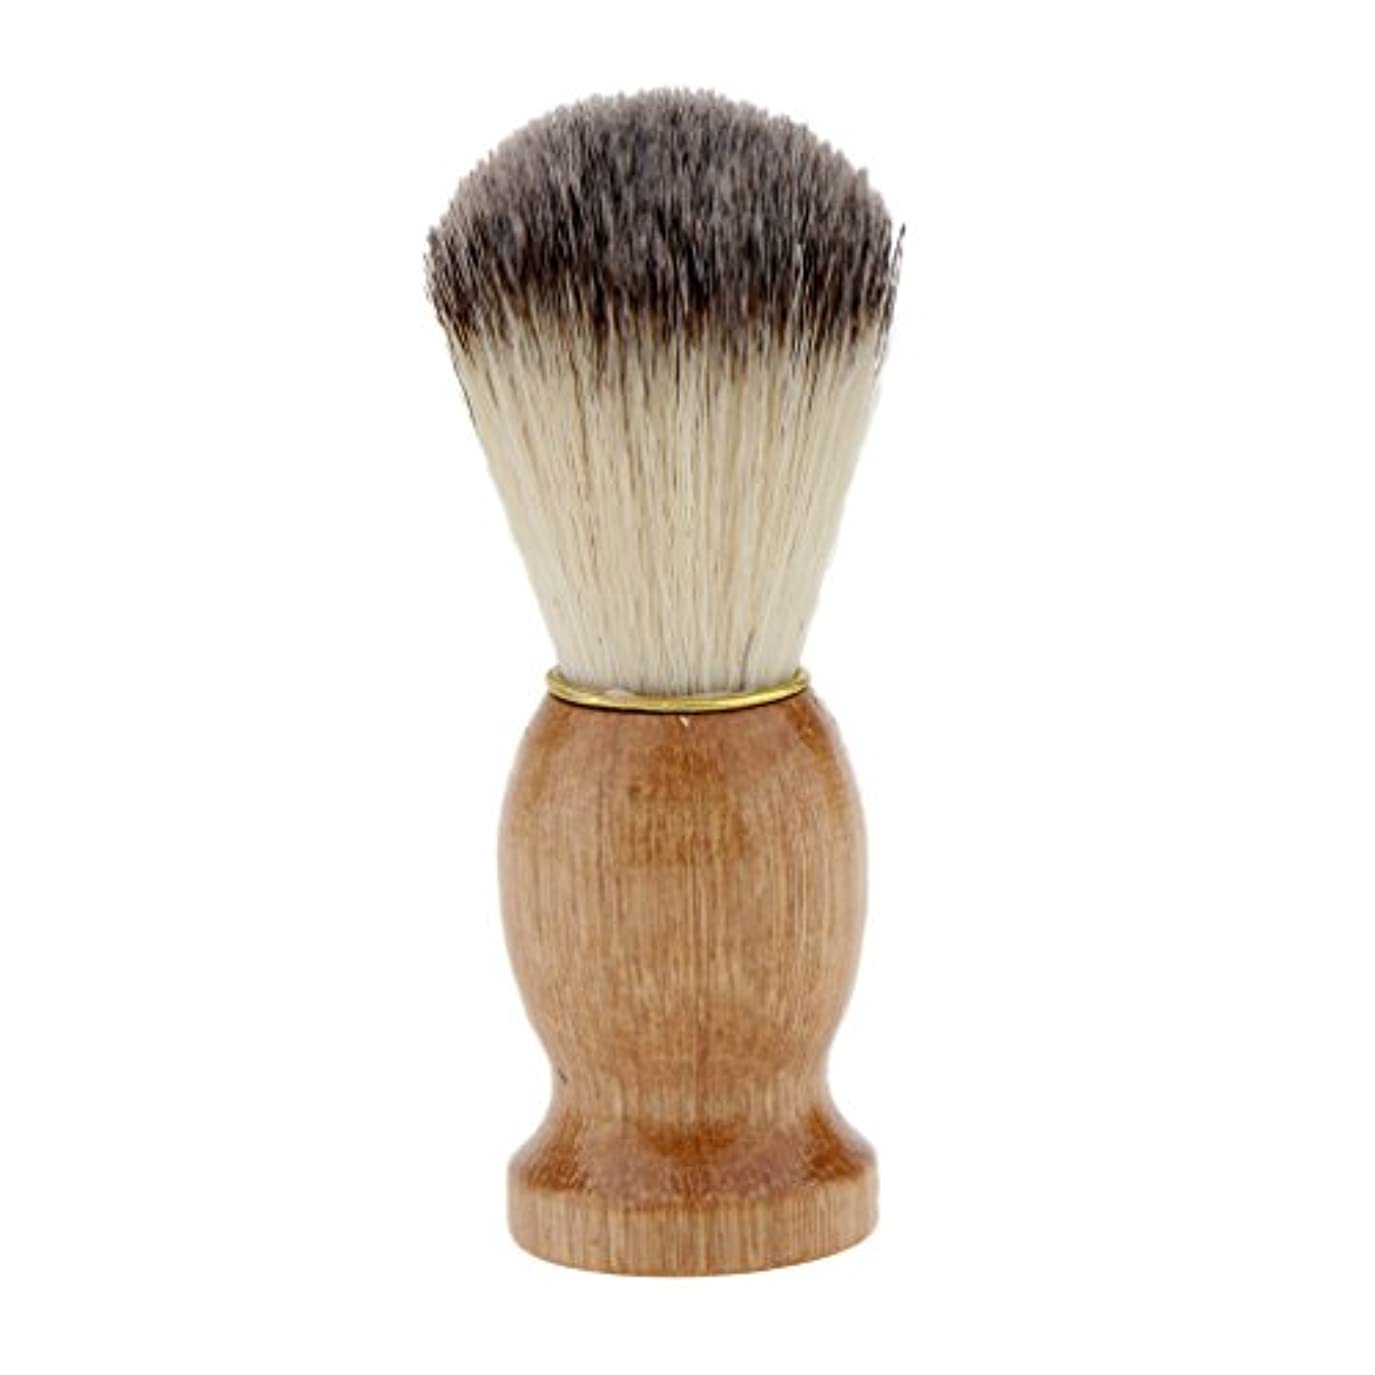 緩めるマージ露シェービングブラシ ひげ剃りブラシ 洗顔 コスメブラシ 木製ハンドル メンズ 高品質 プレゼント